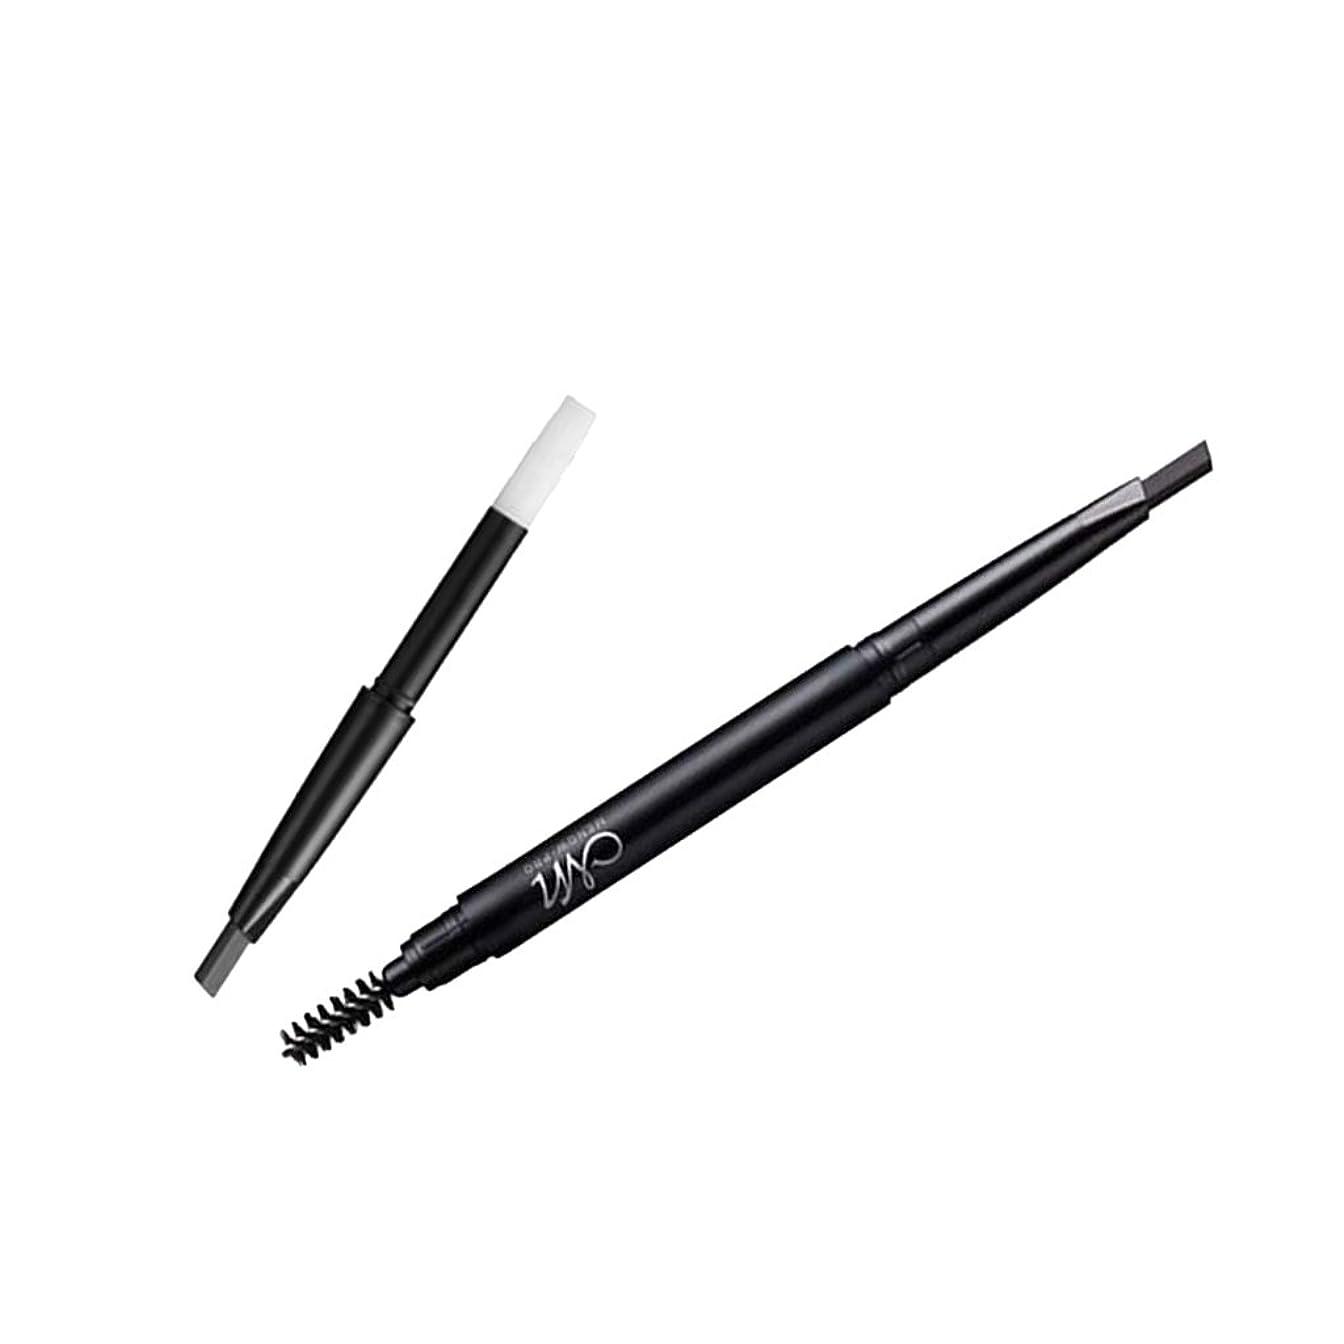 手のひら嵐のアドバンテージアイブロウペンシル 鉛筆リフィル 眉ペンシル 交換可 詰め替え ブラシリフィル キット付き 防水 デュアルエンド 眉毛ライナー ペンシル 3色選べ - ブラック